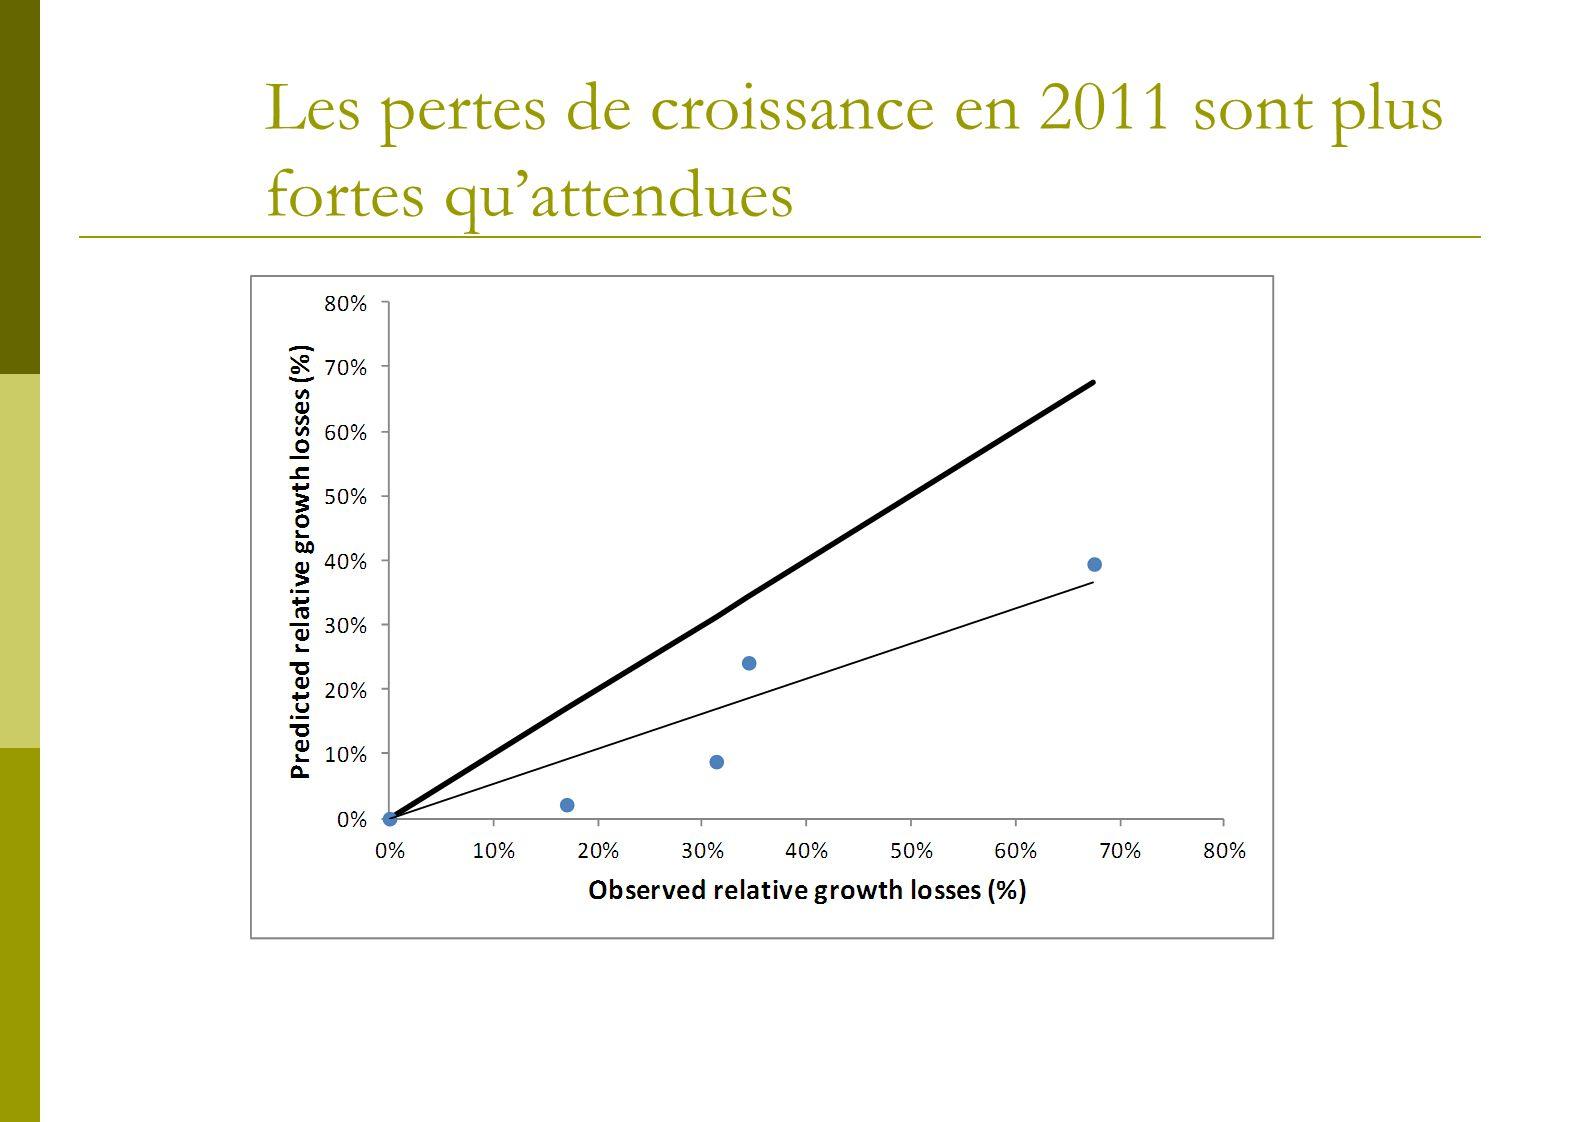 Les pertes de croissance en 2011 sont plus fortes qu'attendues